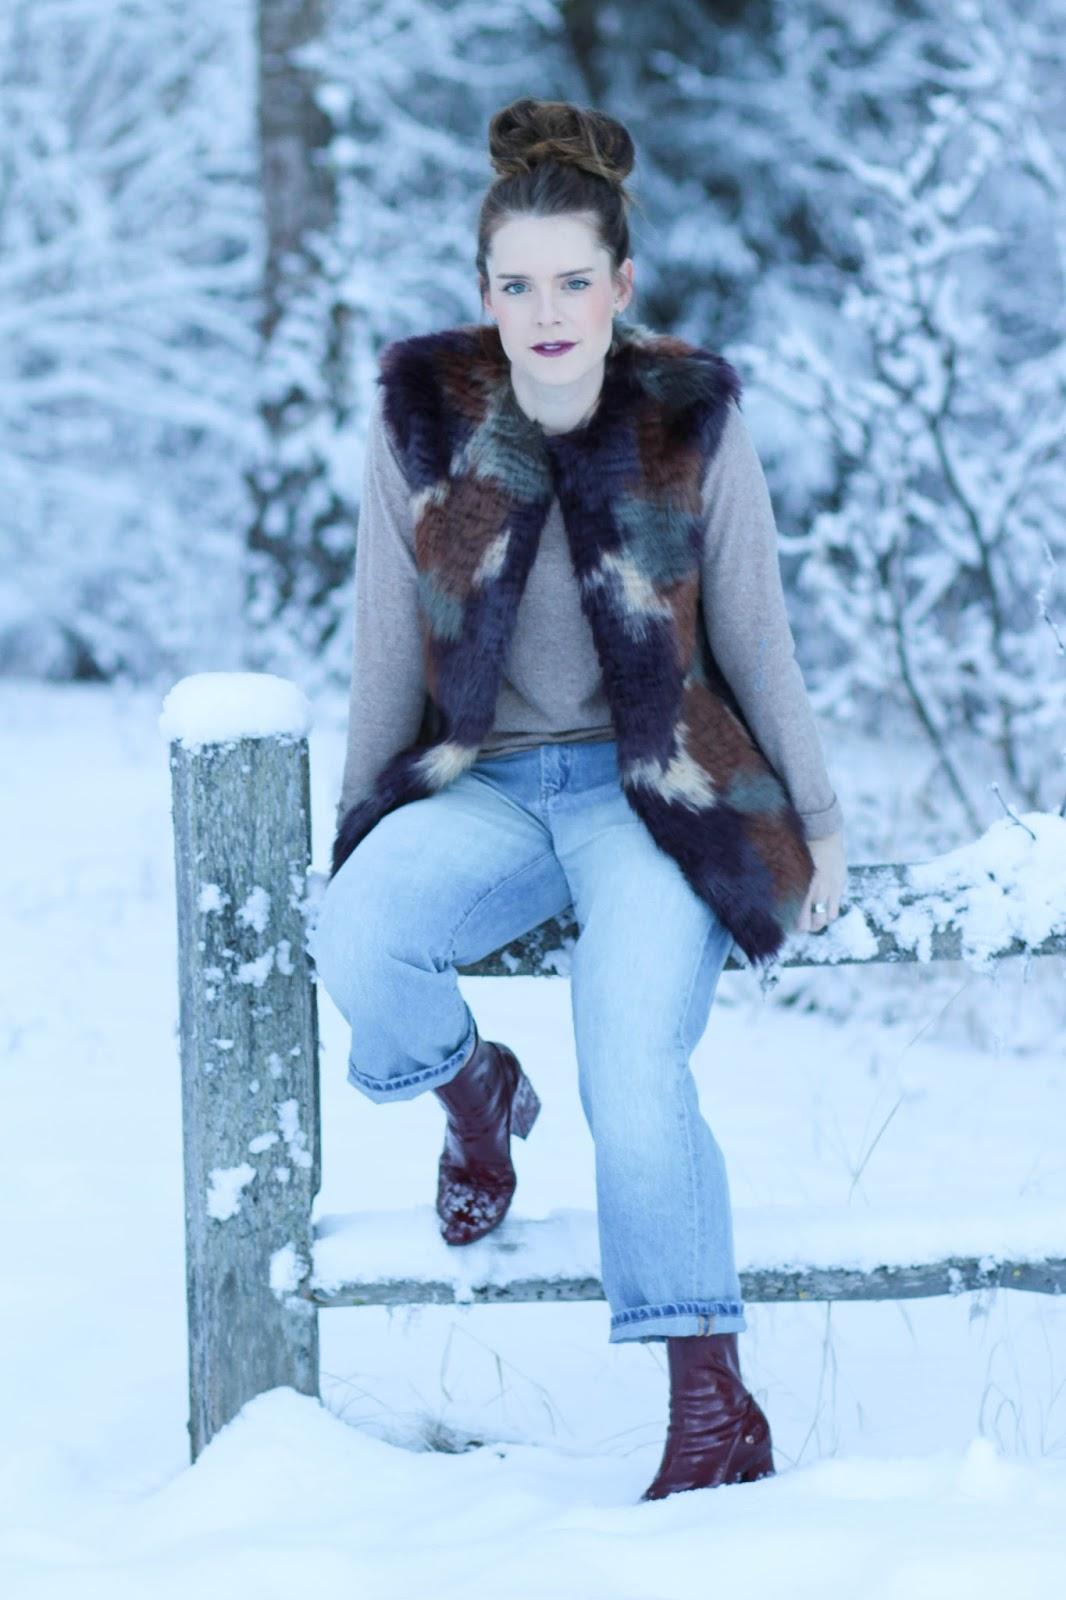 Winter outfit ideas- faux fur vests